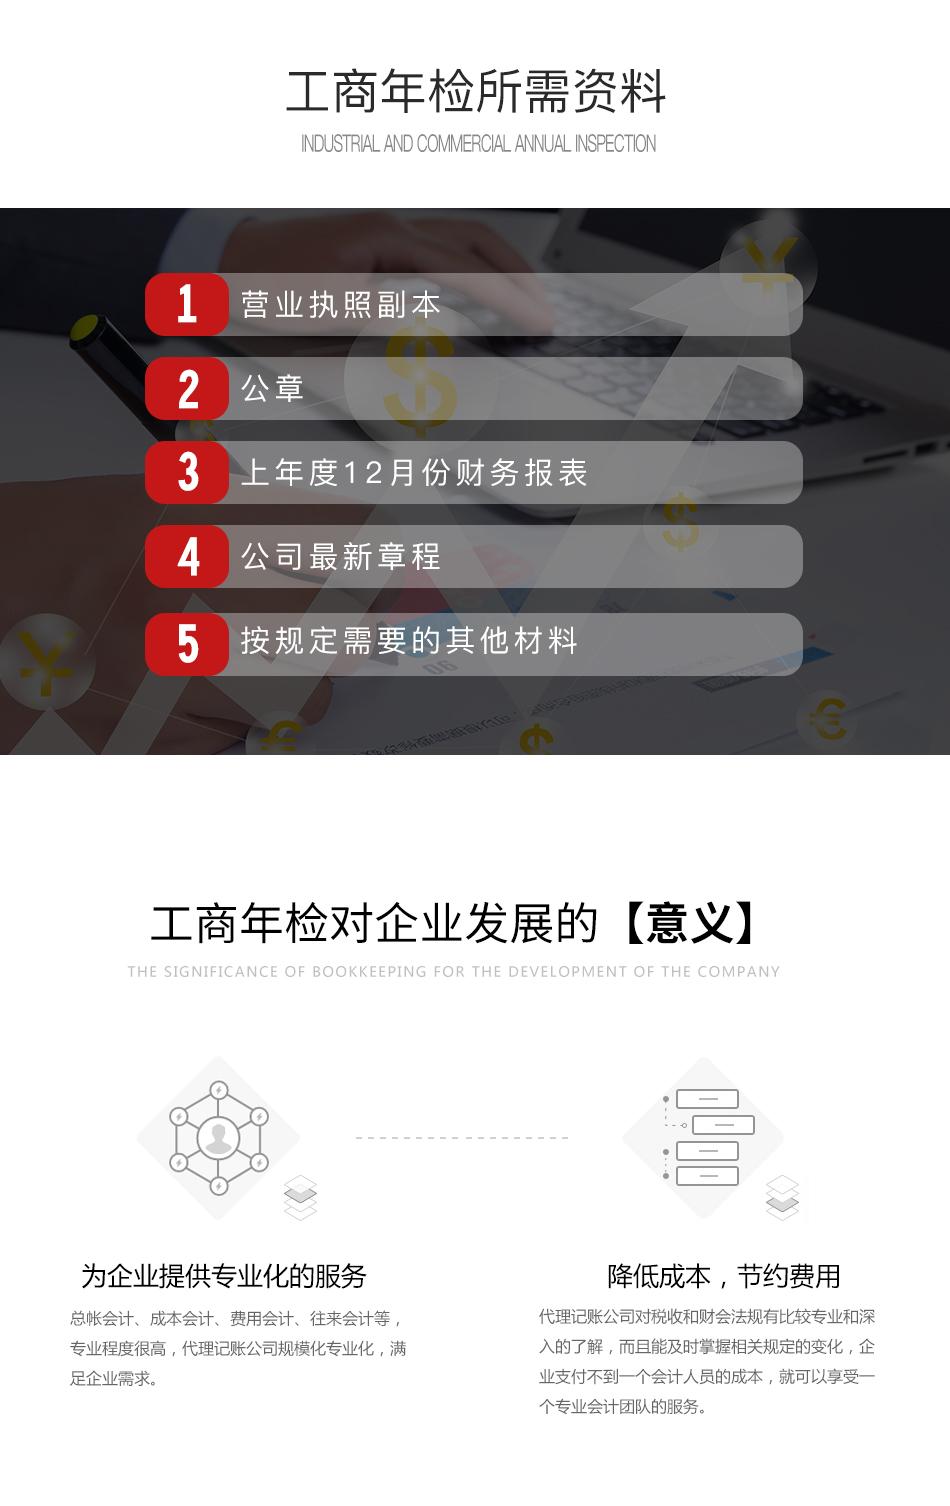 工商年检_03.jpg